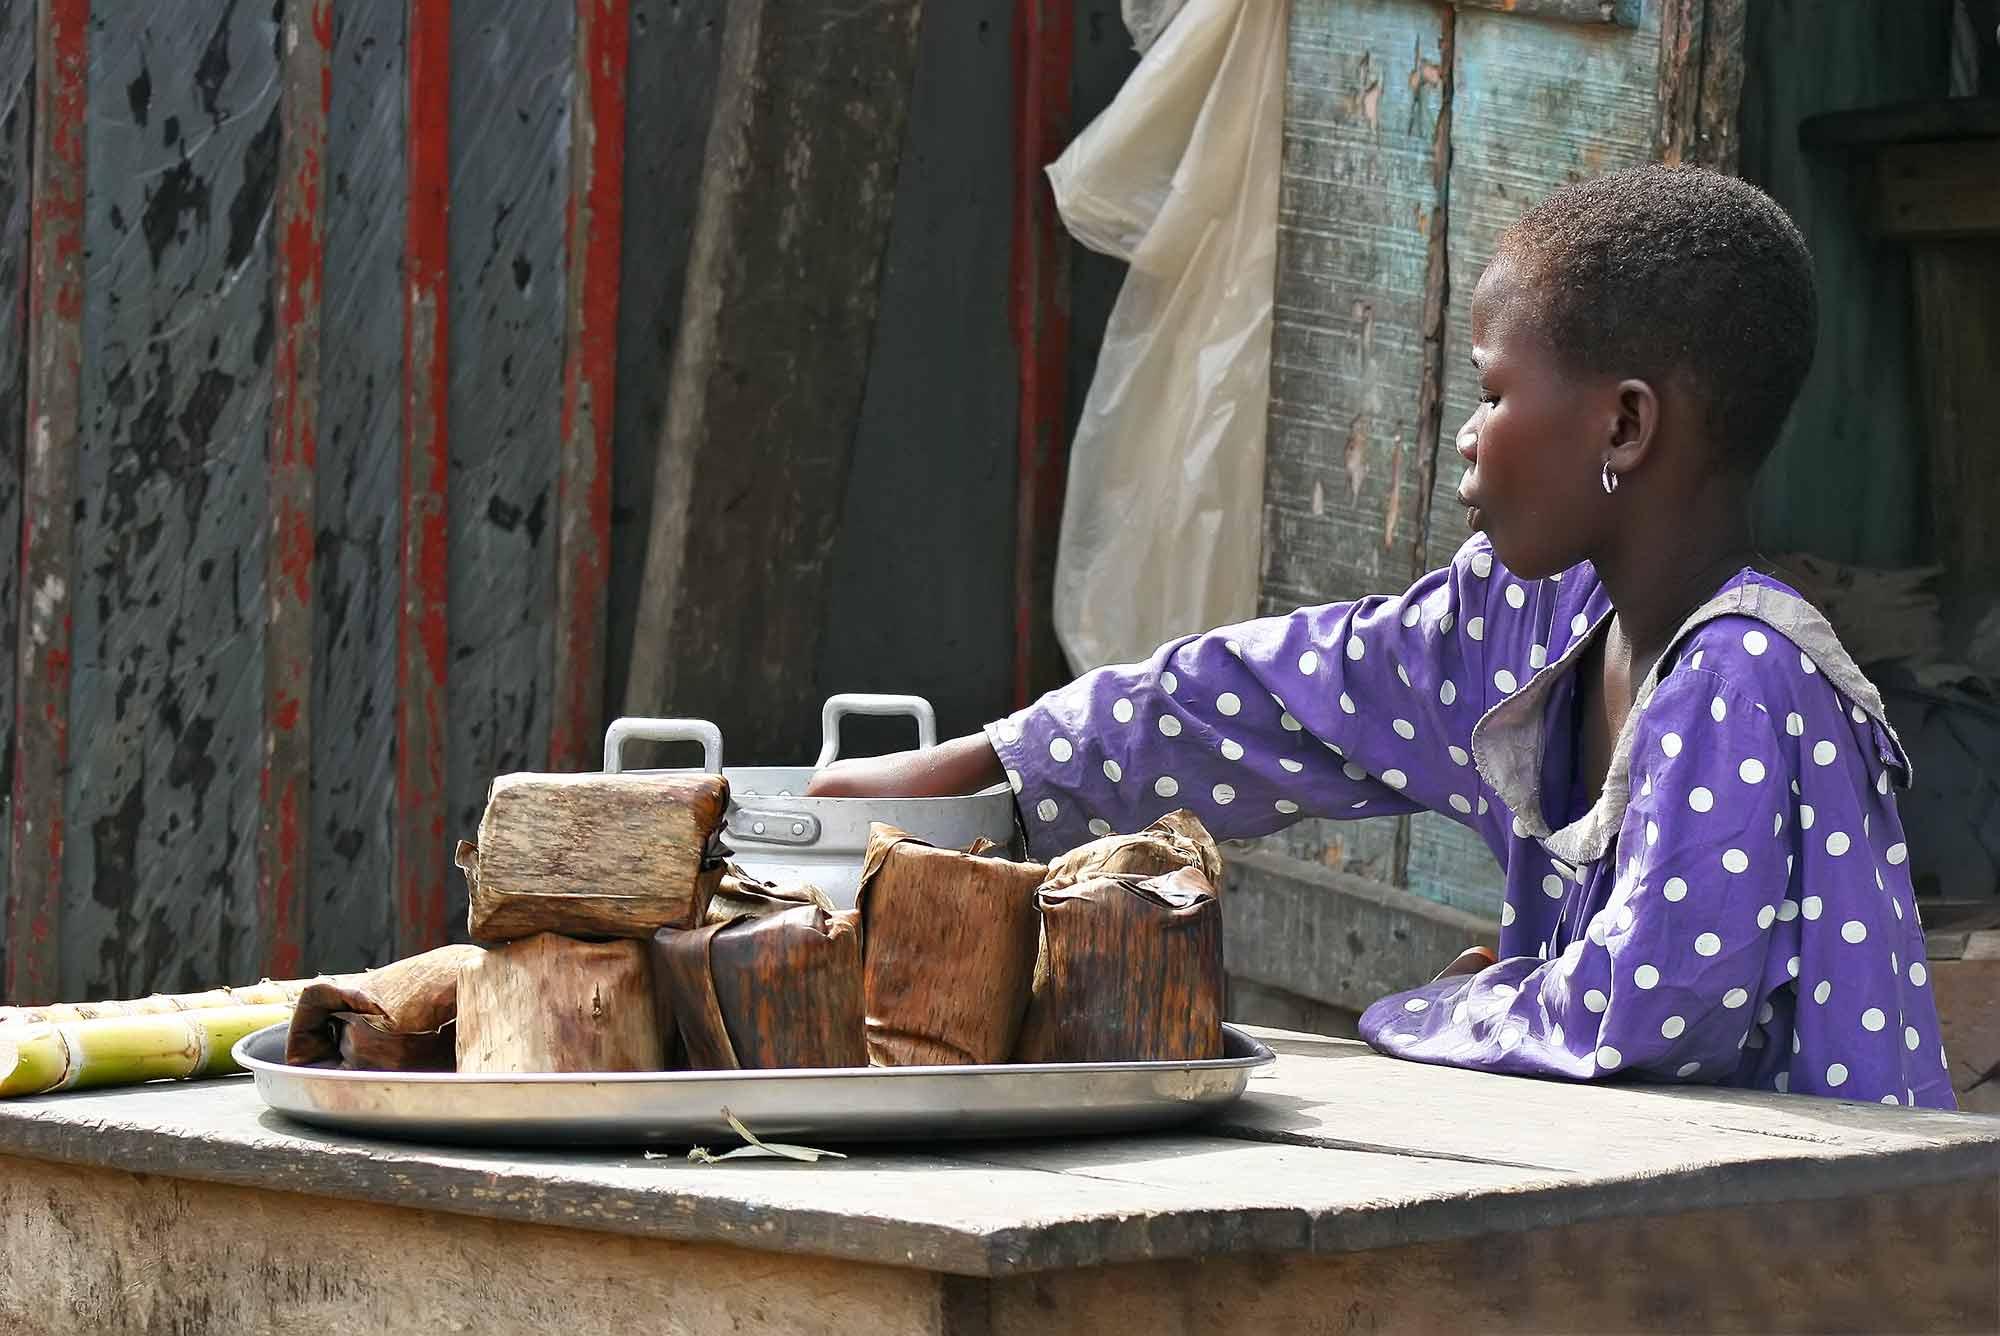 ghana-accra-market-life